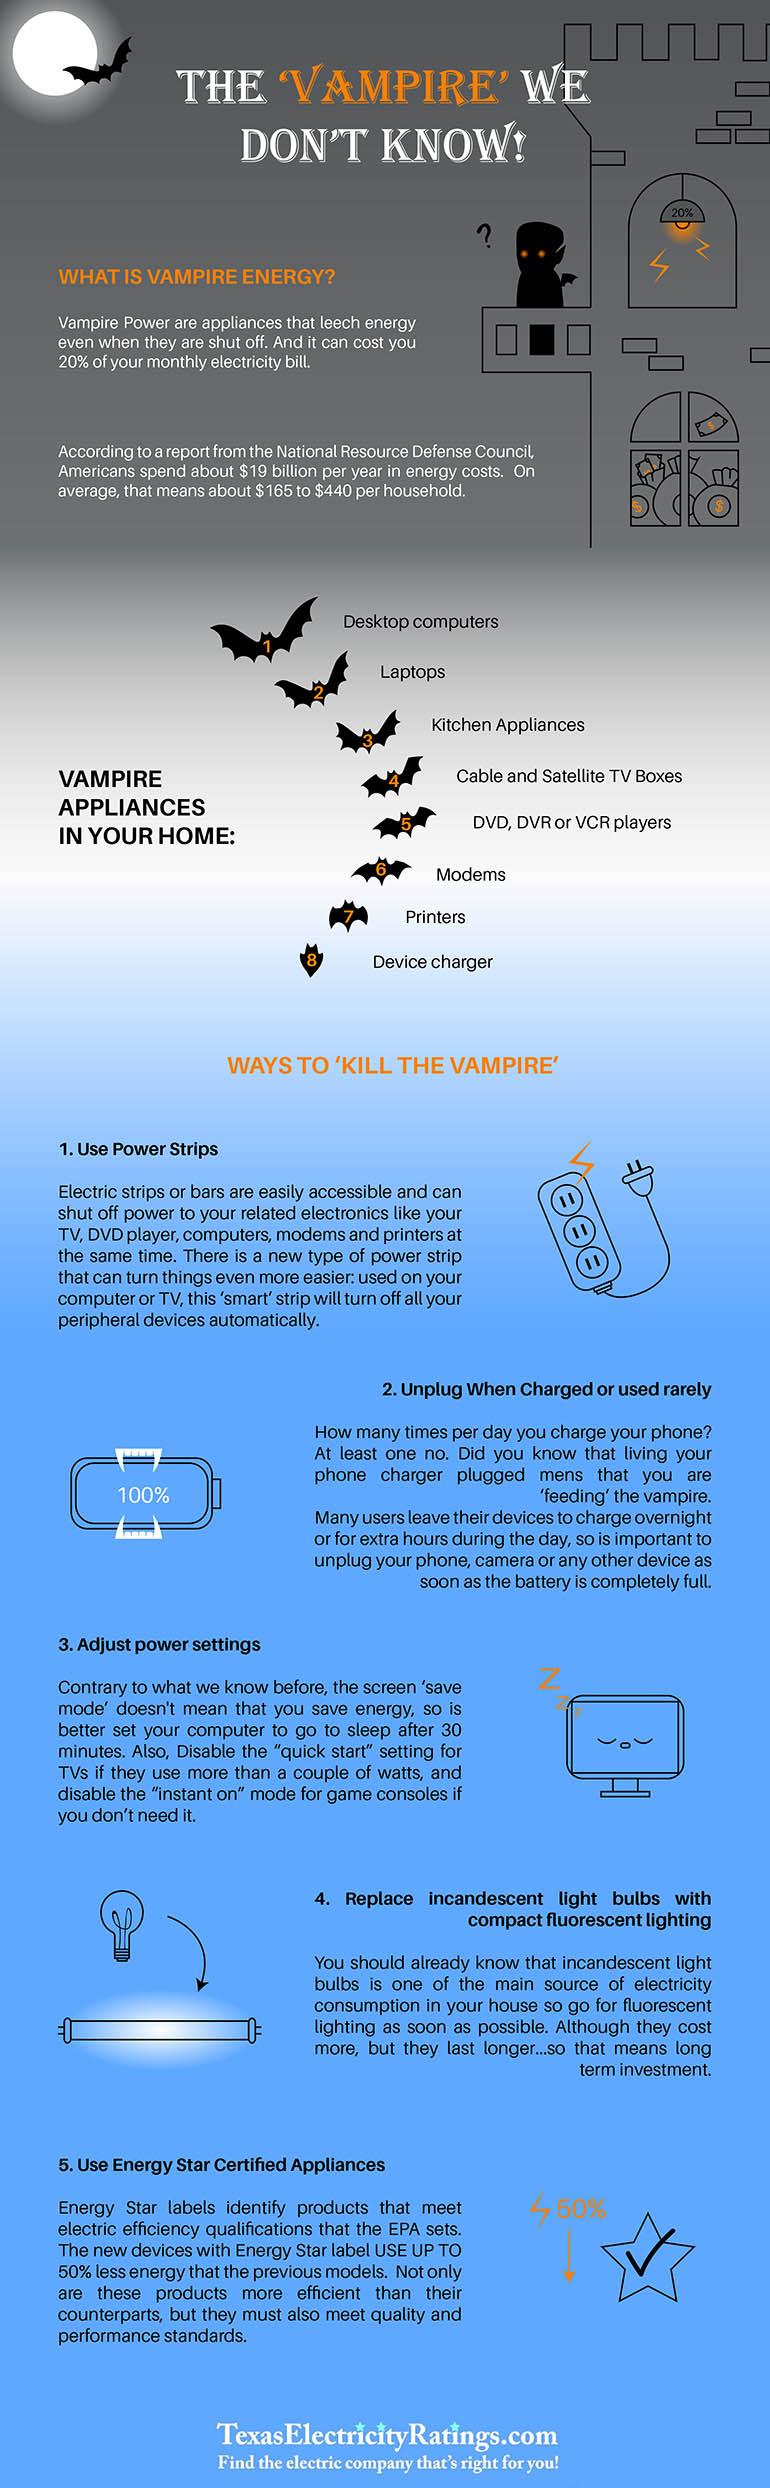 vampire energy infographic